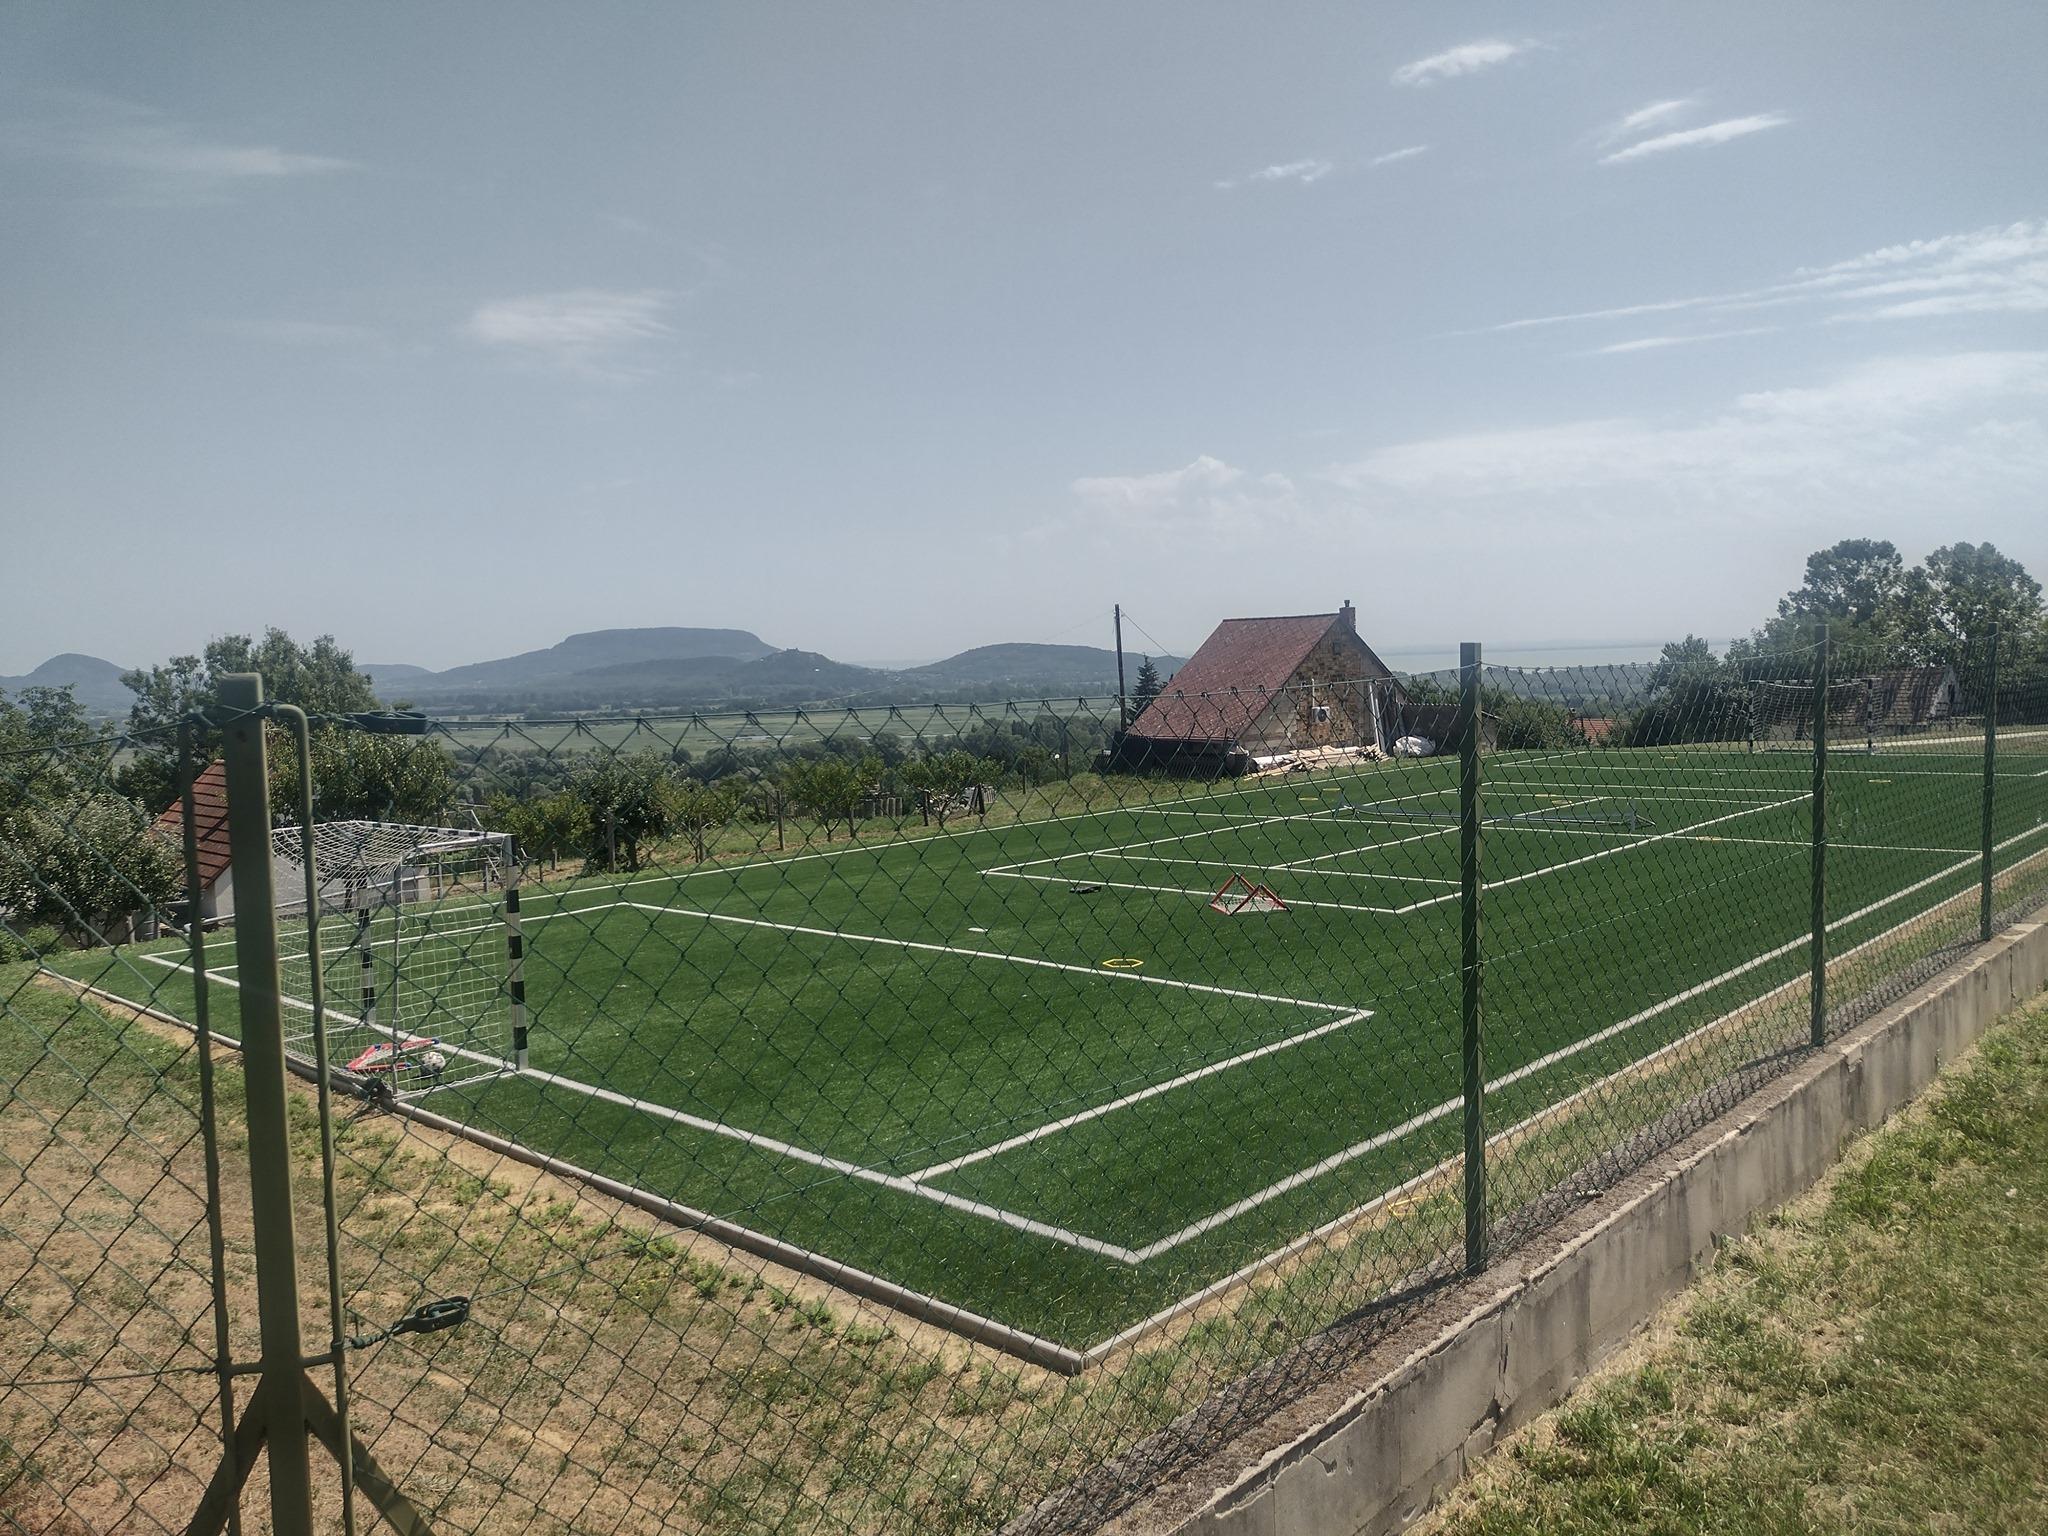 Szijjártó Péter annyira sportos, hogy tavaly egy műfüves focipálya is épült a balatoni nyaralója mellé